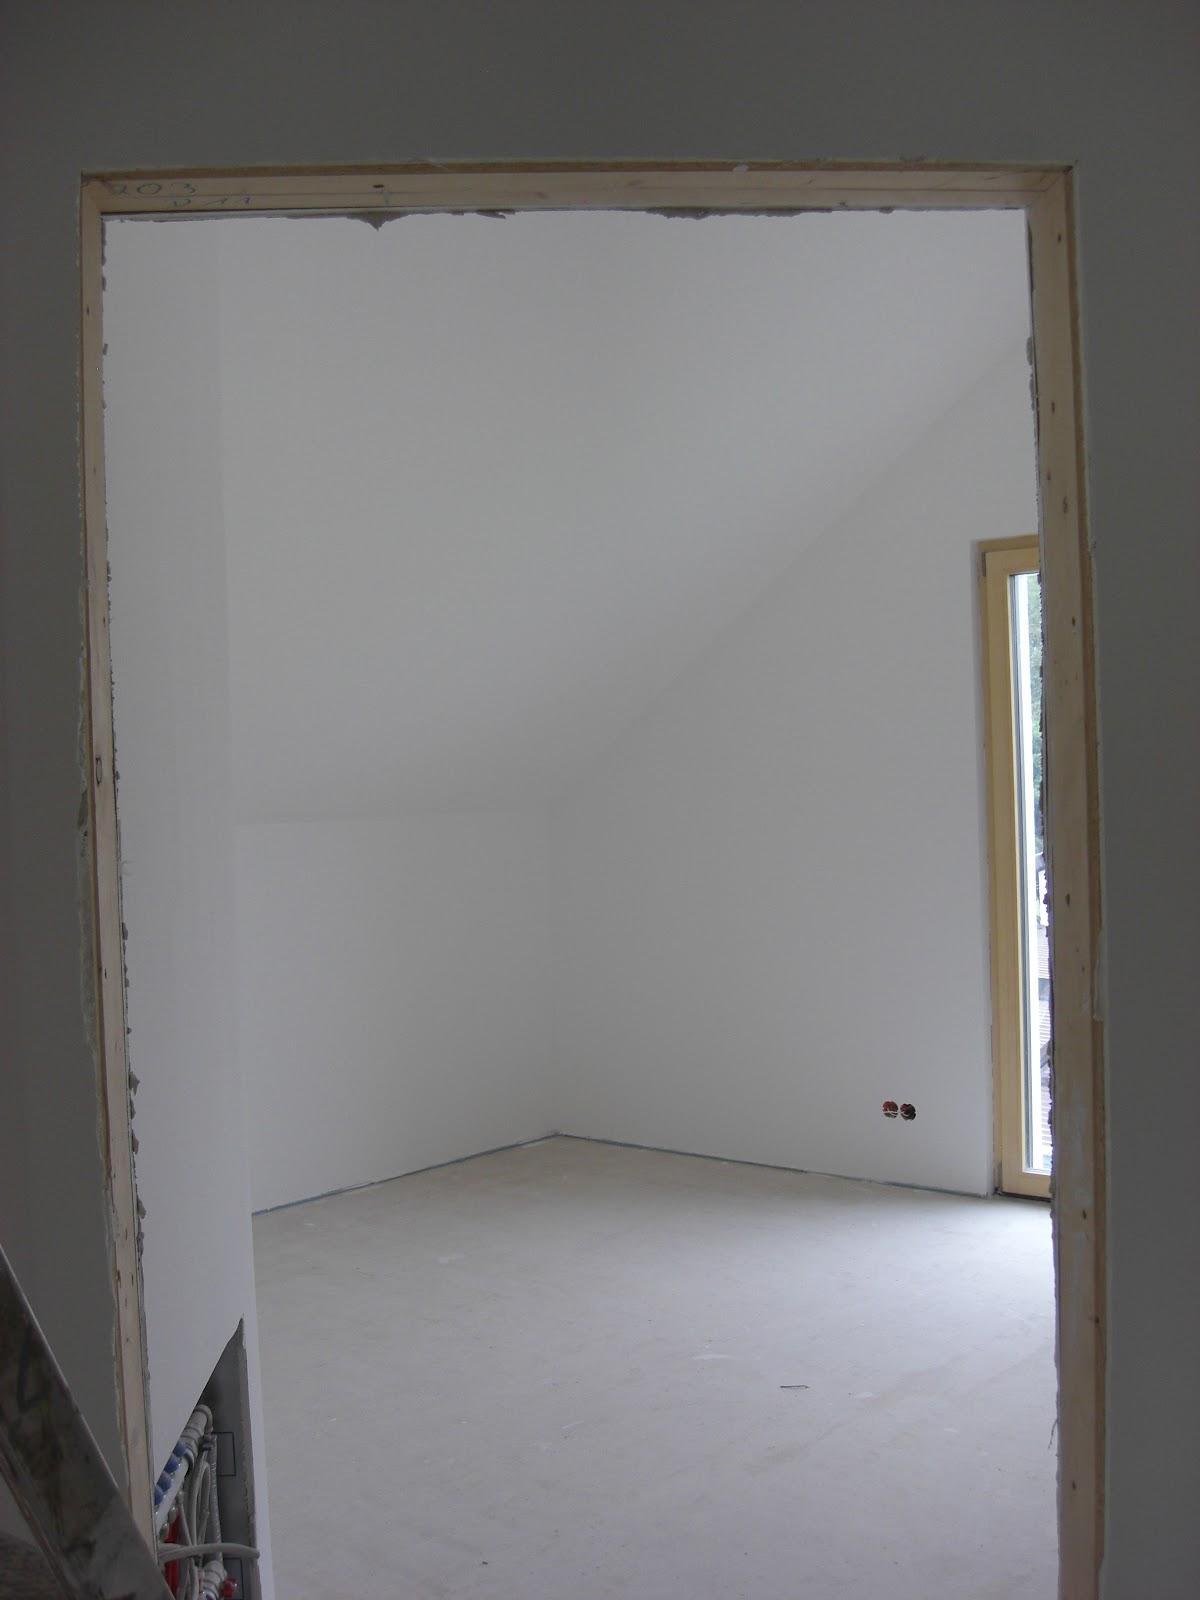 Hausnummer 49 malerarbeiten grundieren 2x streichen for Grundieren vor streichen